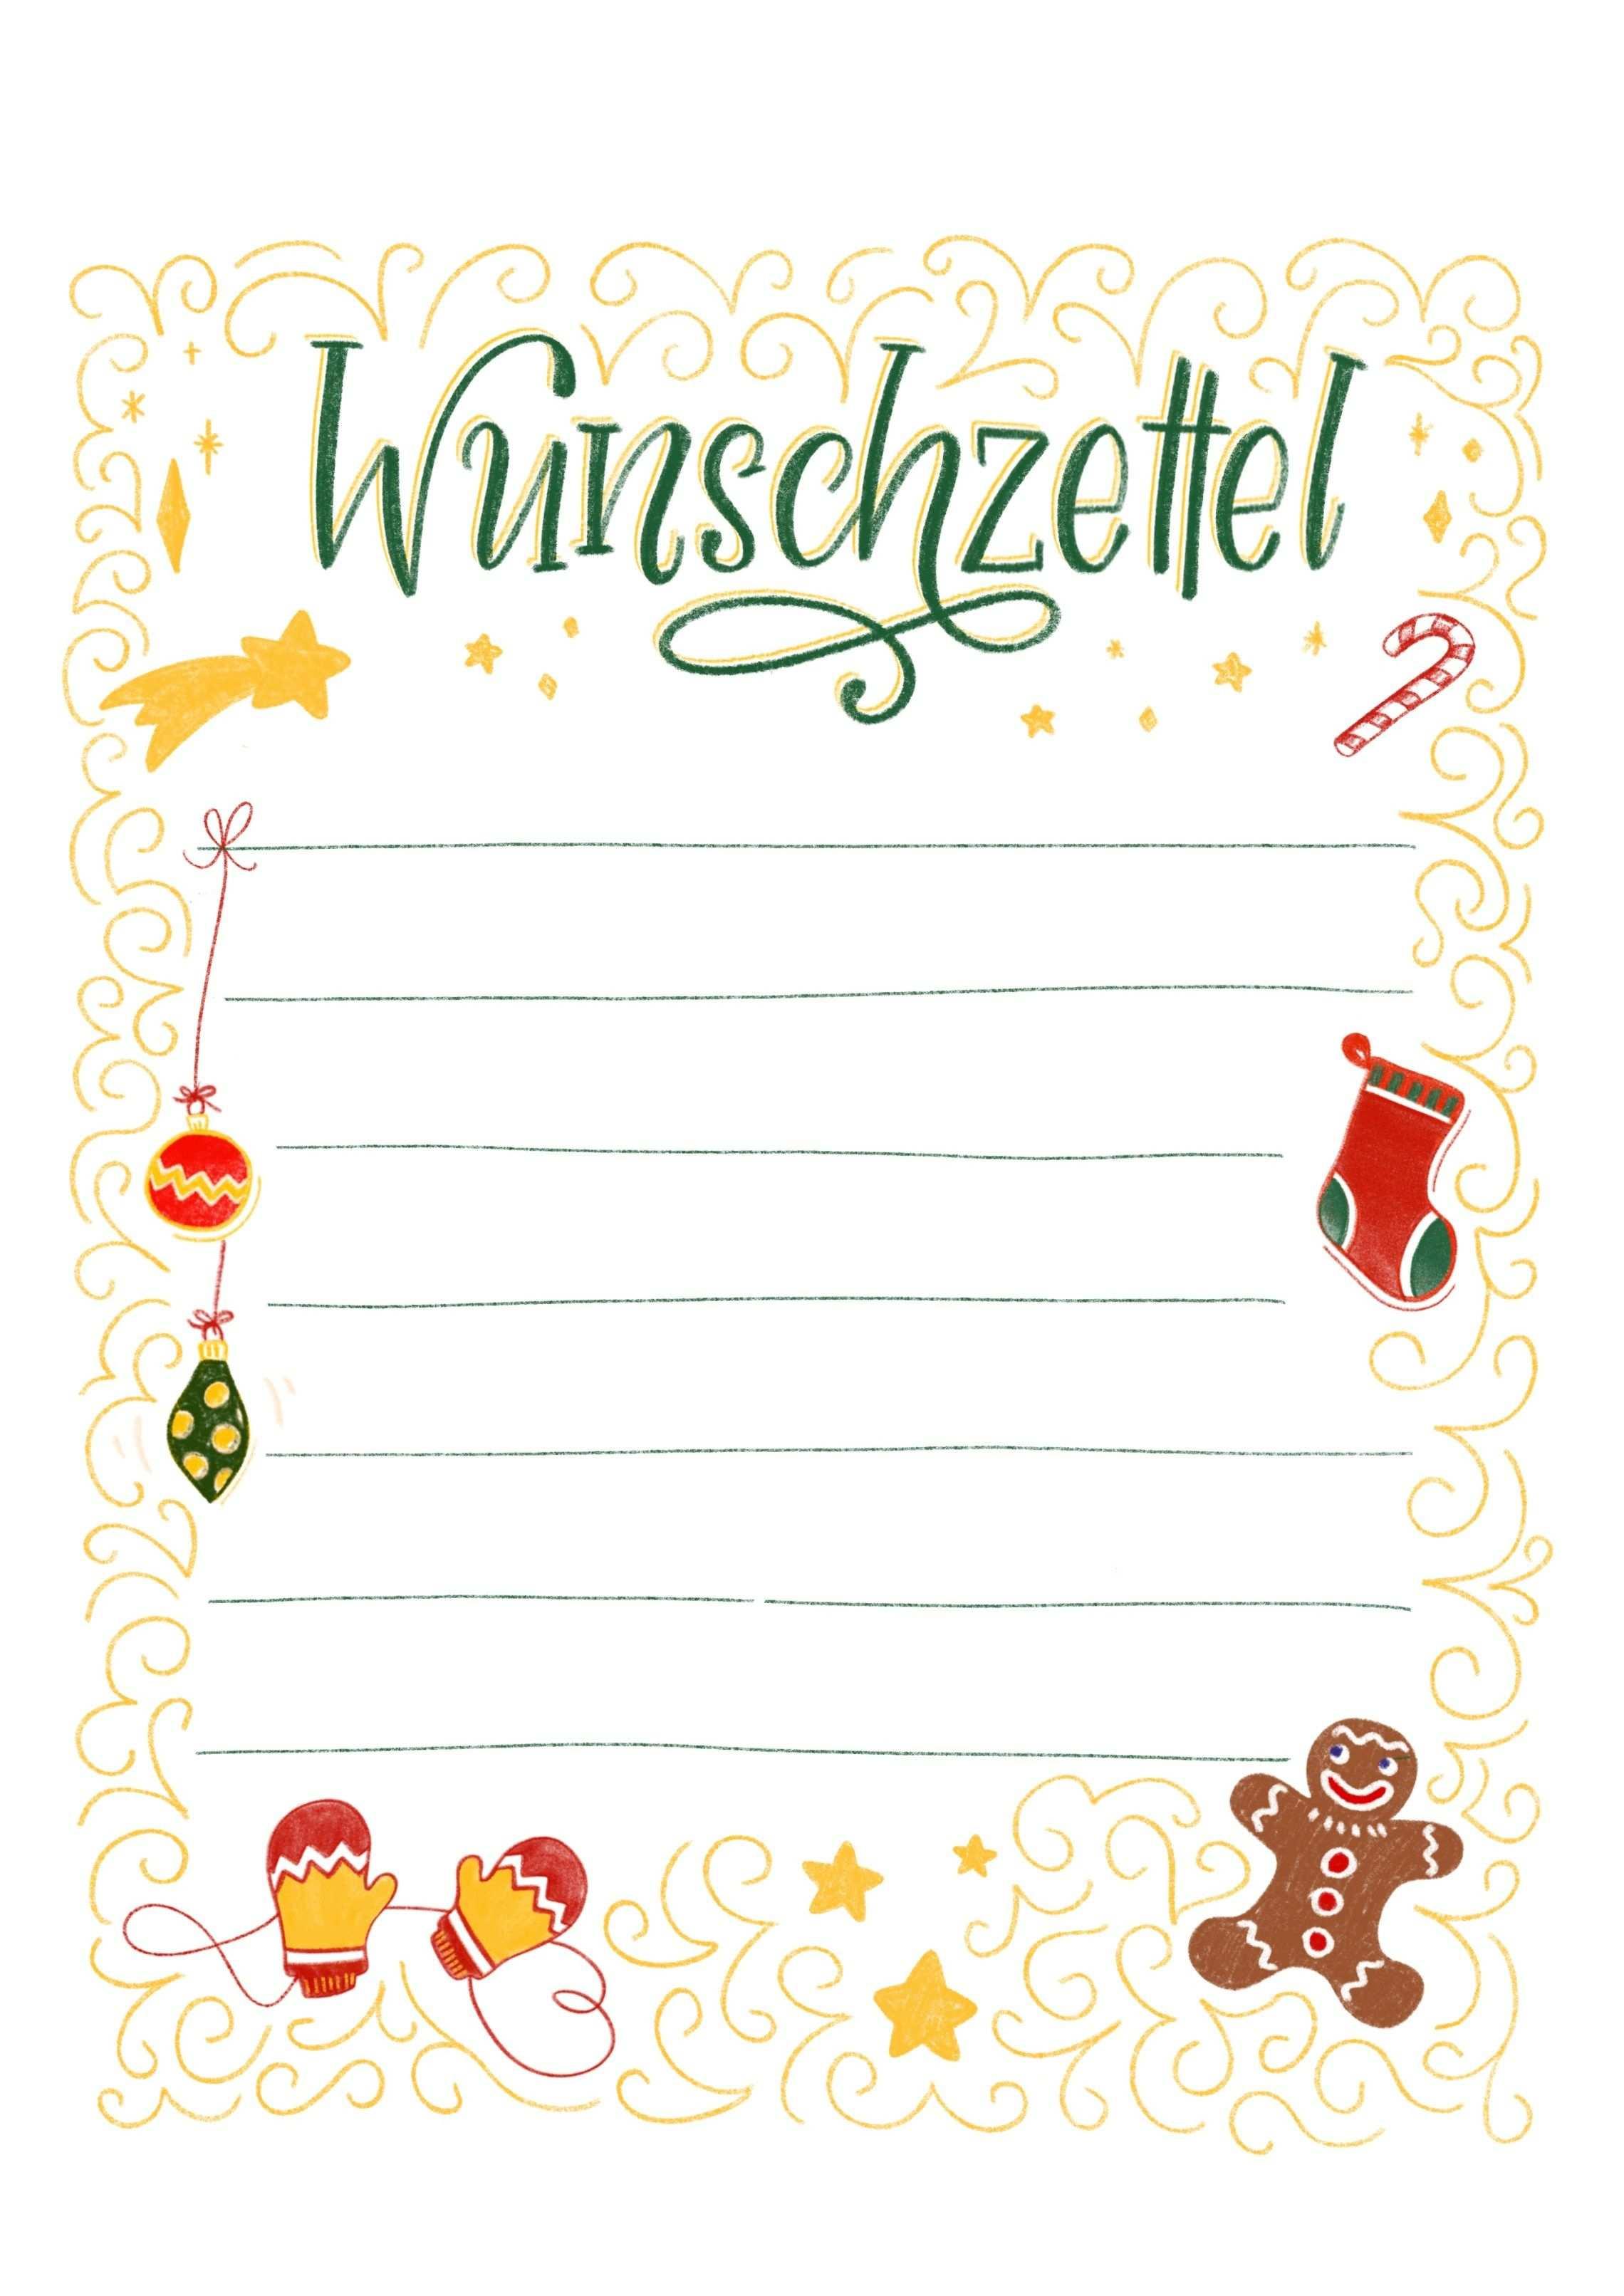 Wunschzettel Vorlage Zum Ausdrucken Weihnachtskarte Grusse